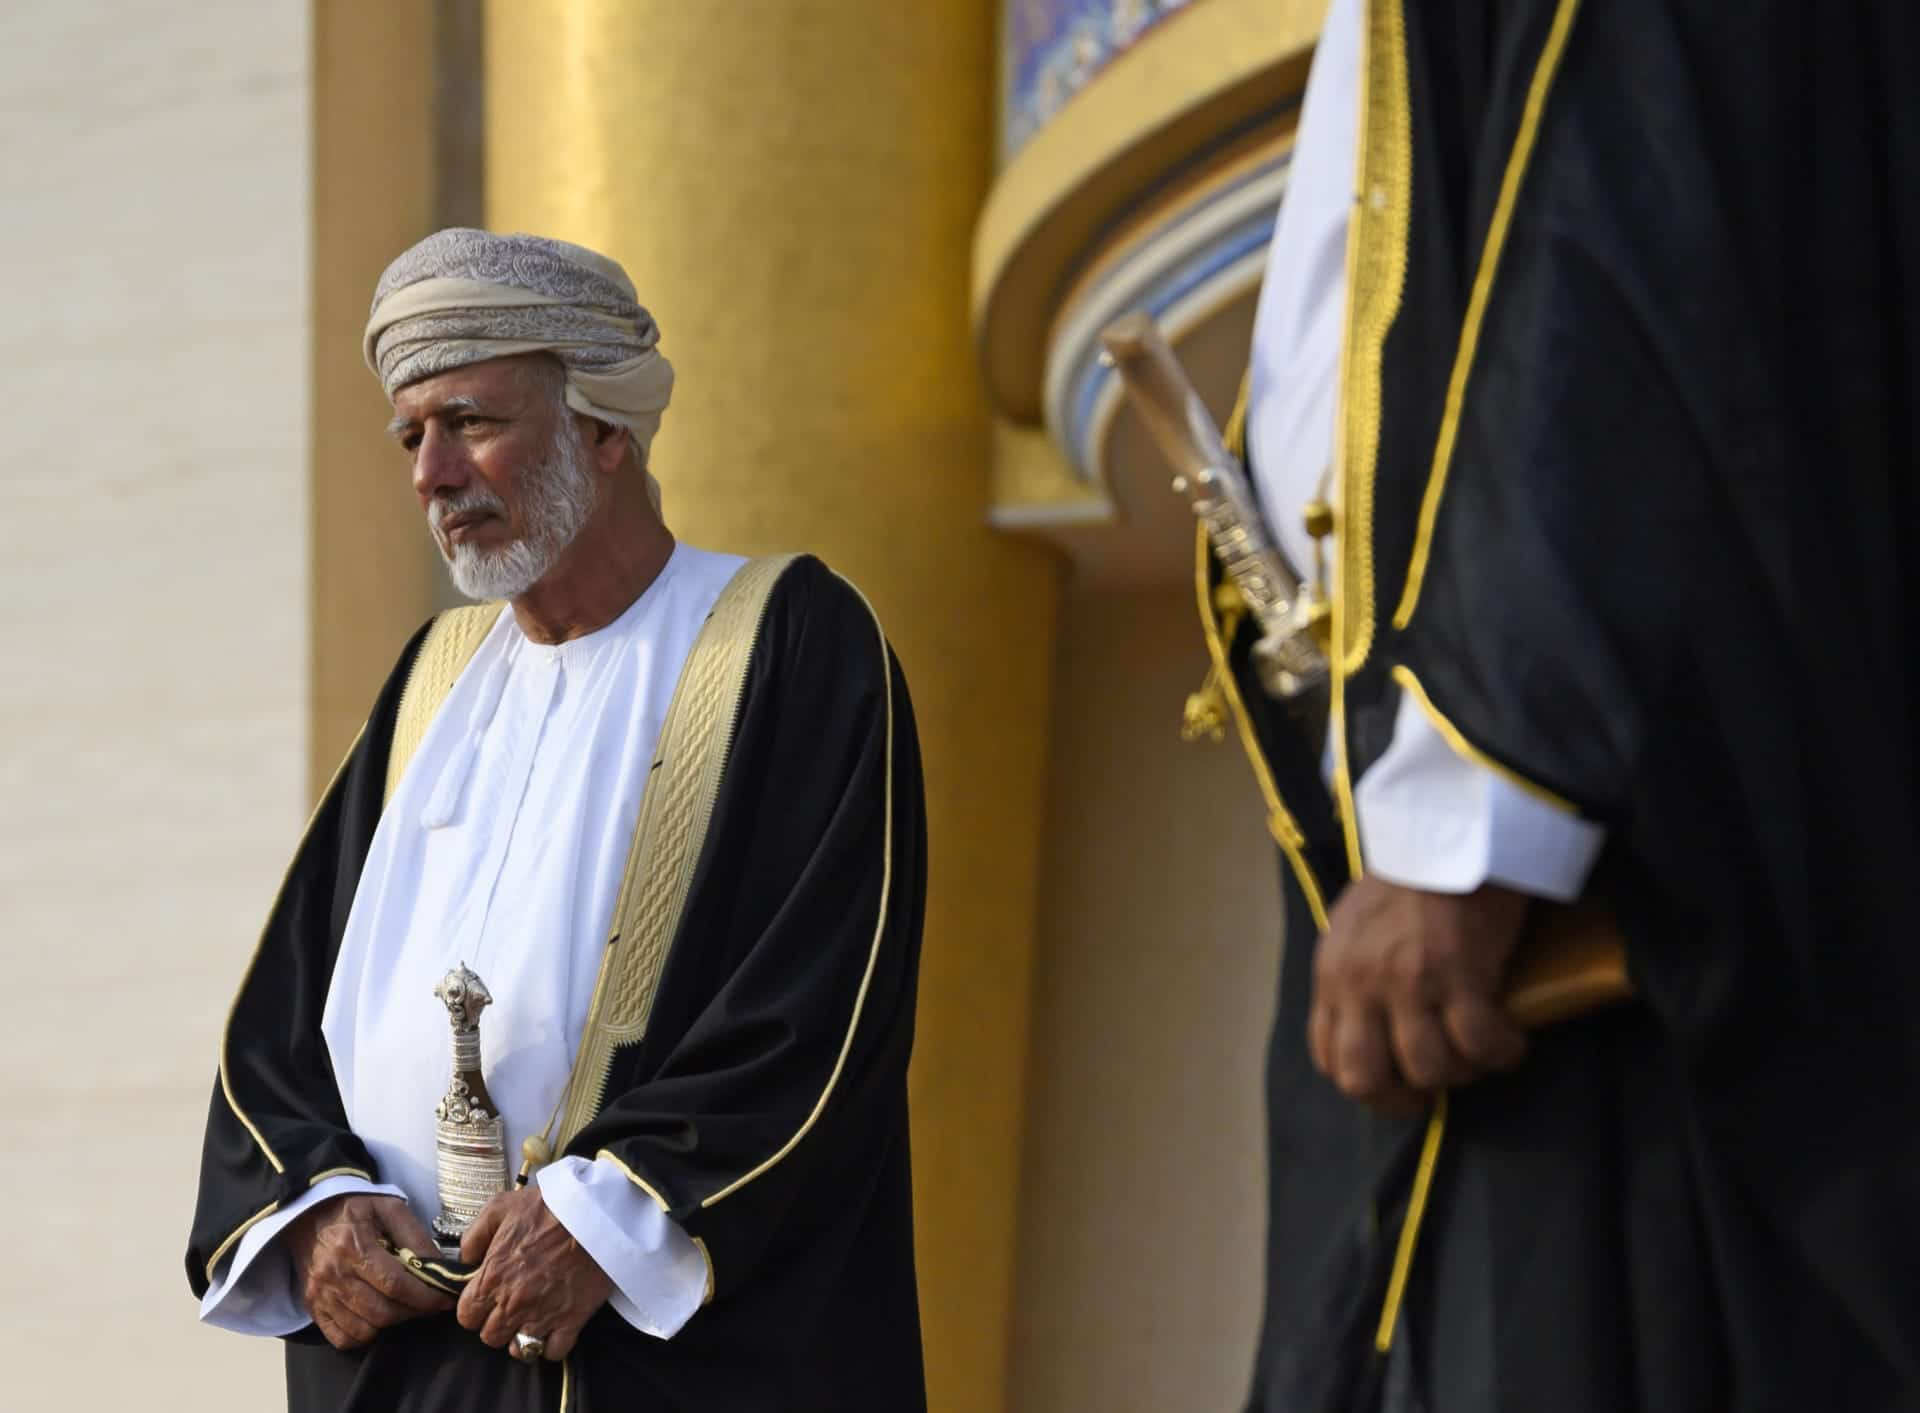 بن علوي وزير خارجية سلطنة عمان السابق